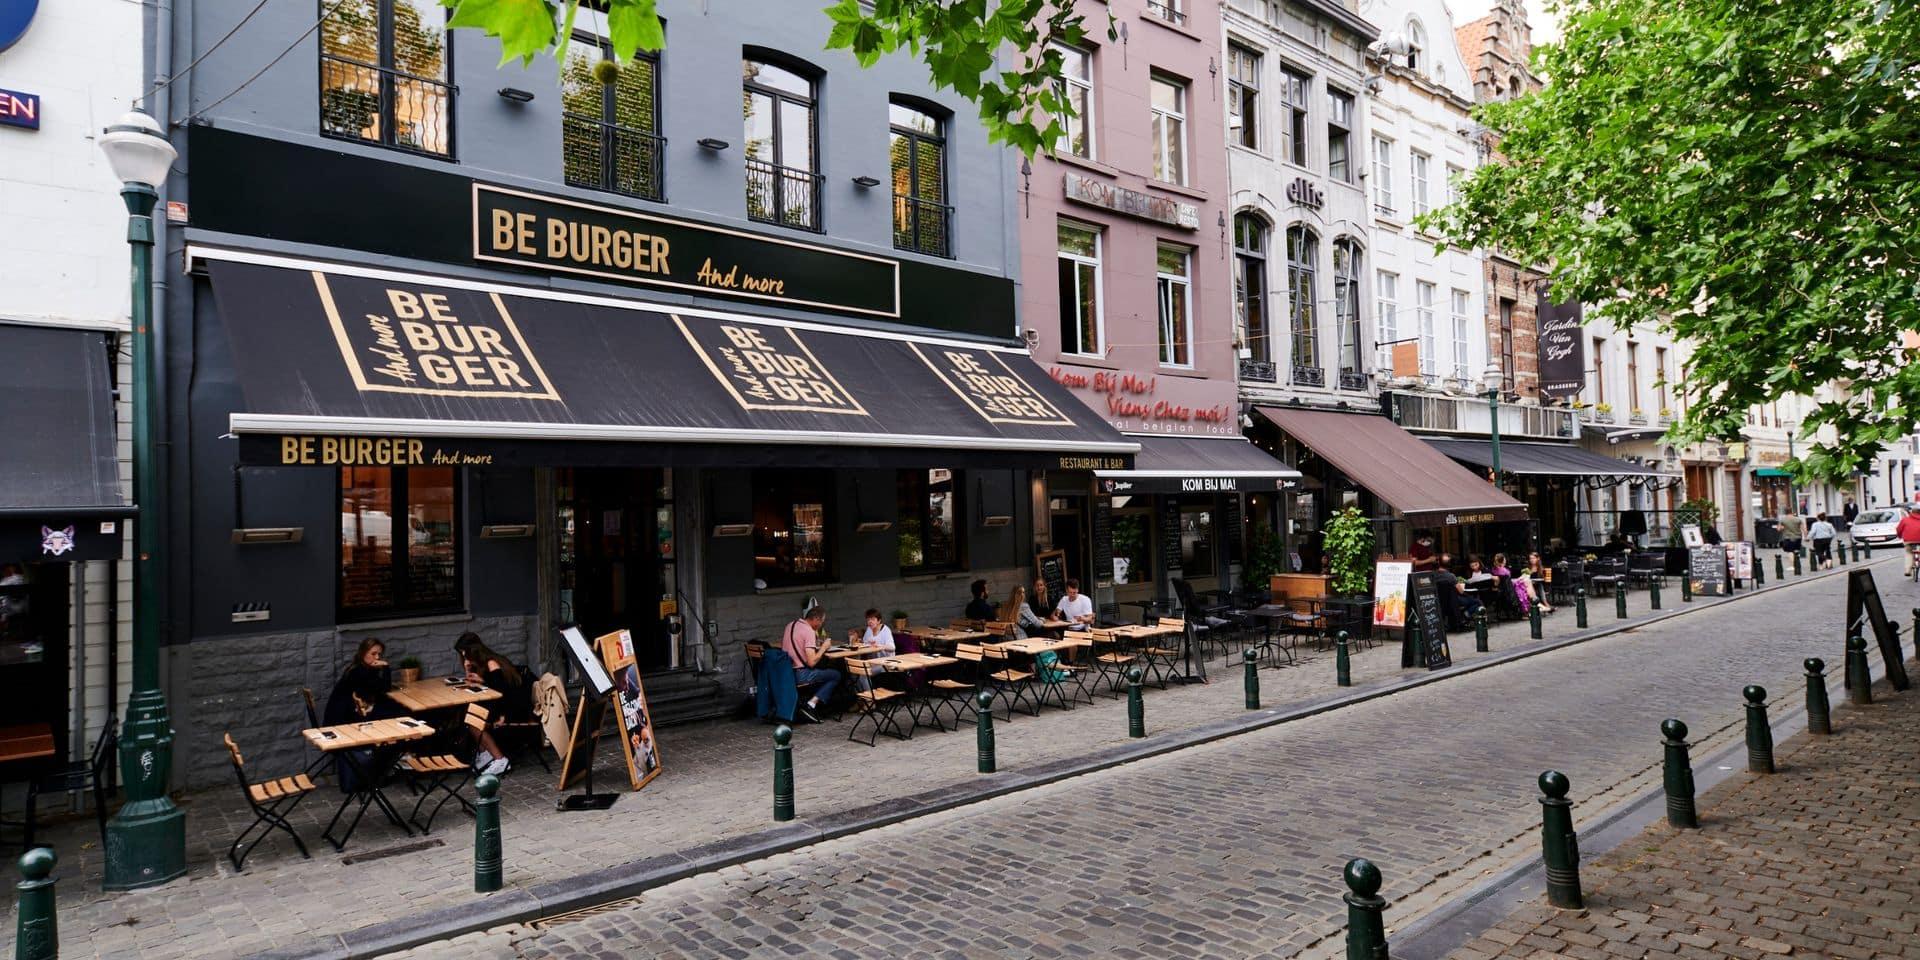 La chaîne belge Be Burger débarque en France